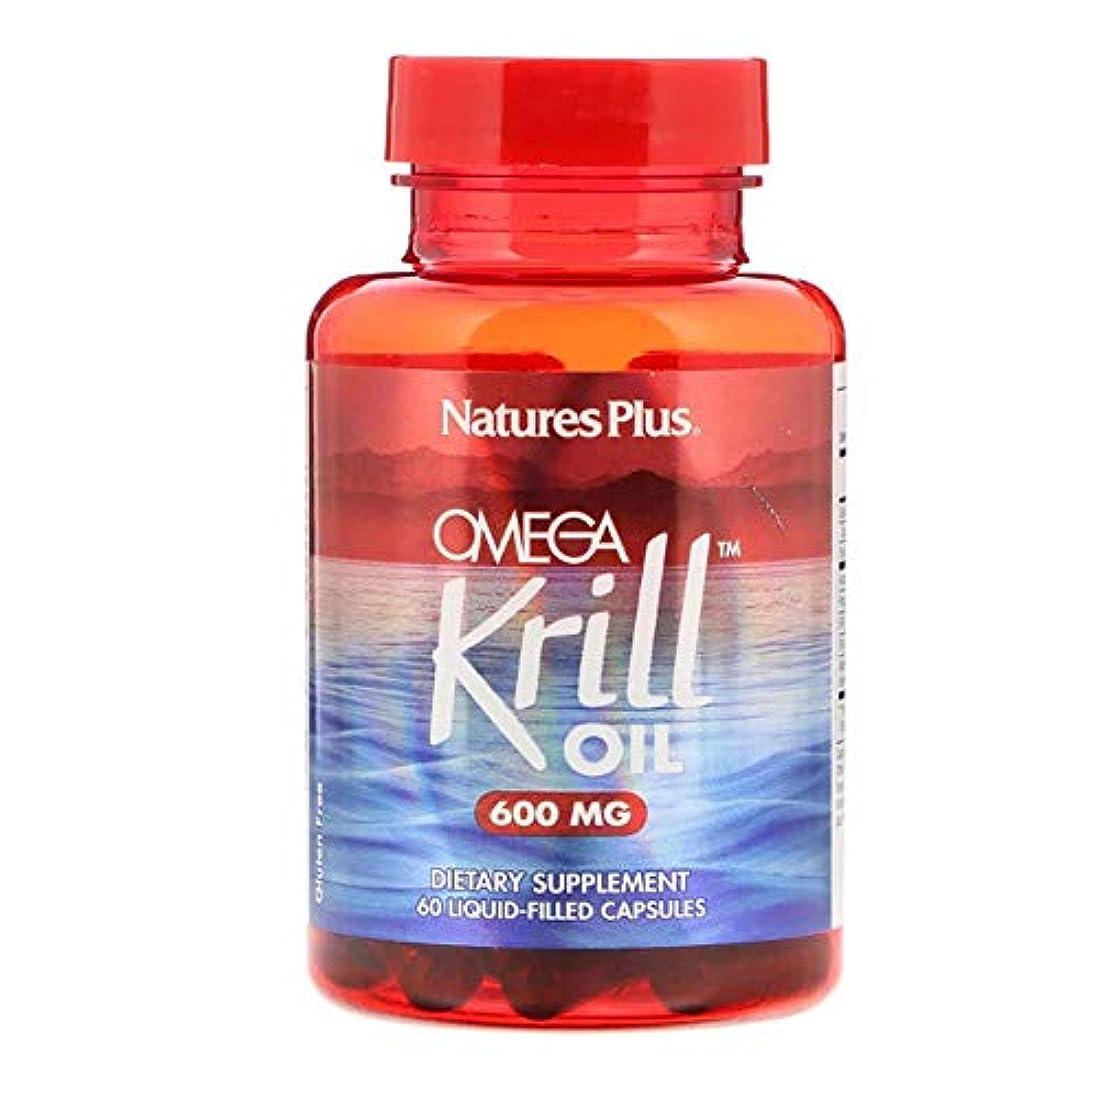 ベリ木ラショナルNature's Plus オメガ クリルオイル 600 mg 60 液体カプセル 【アメリカ直送】